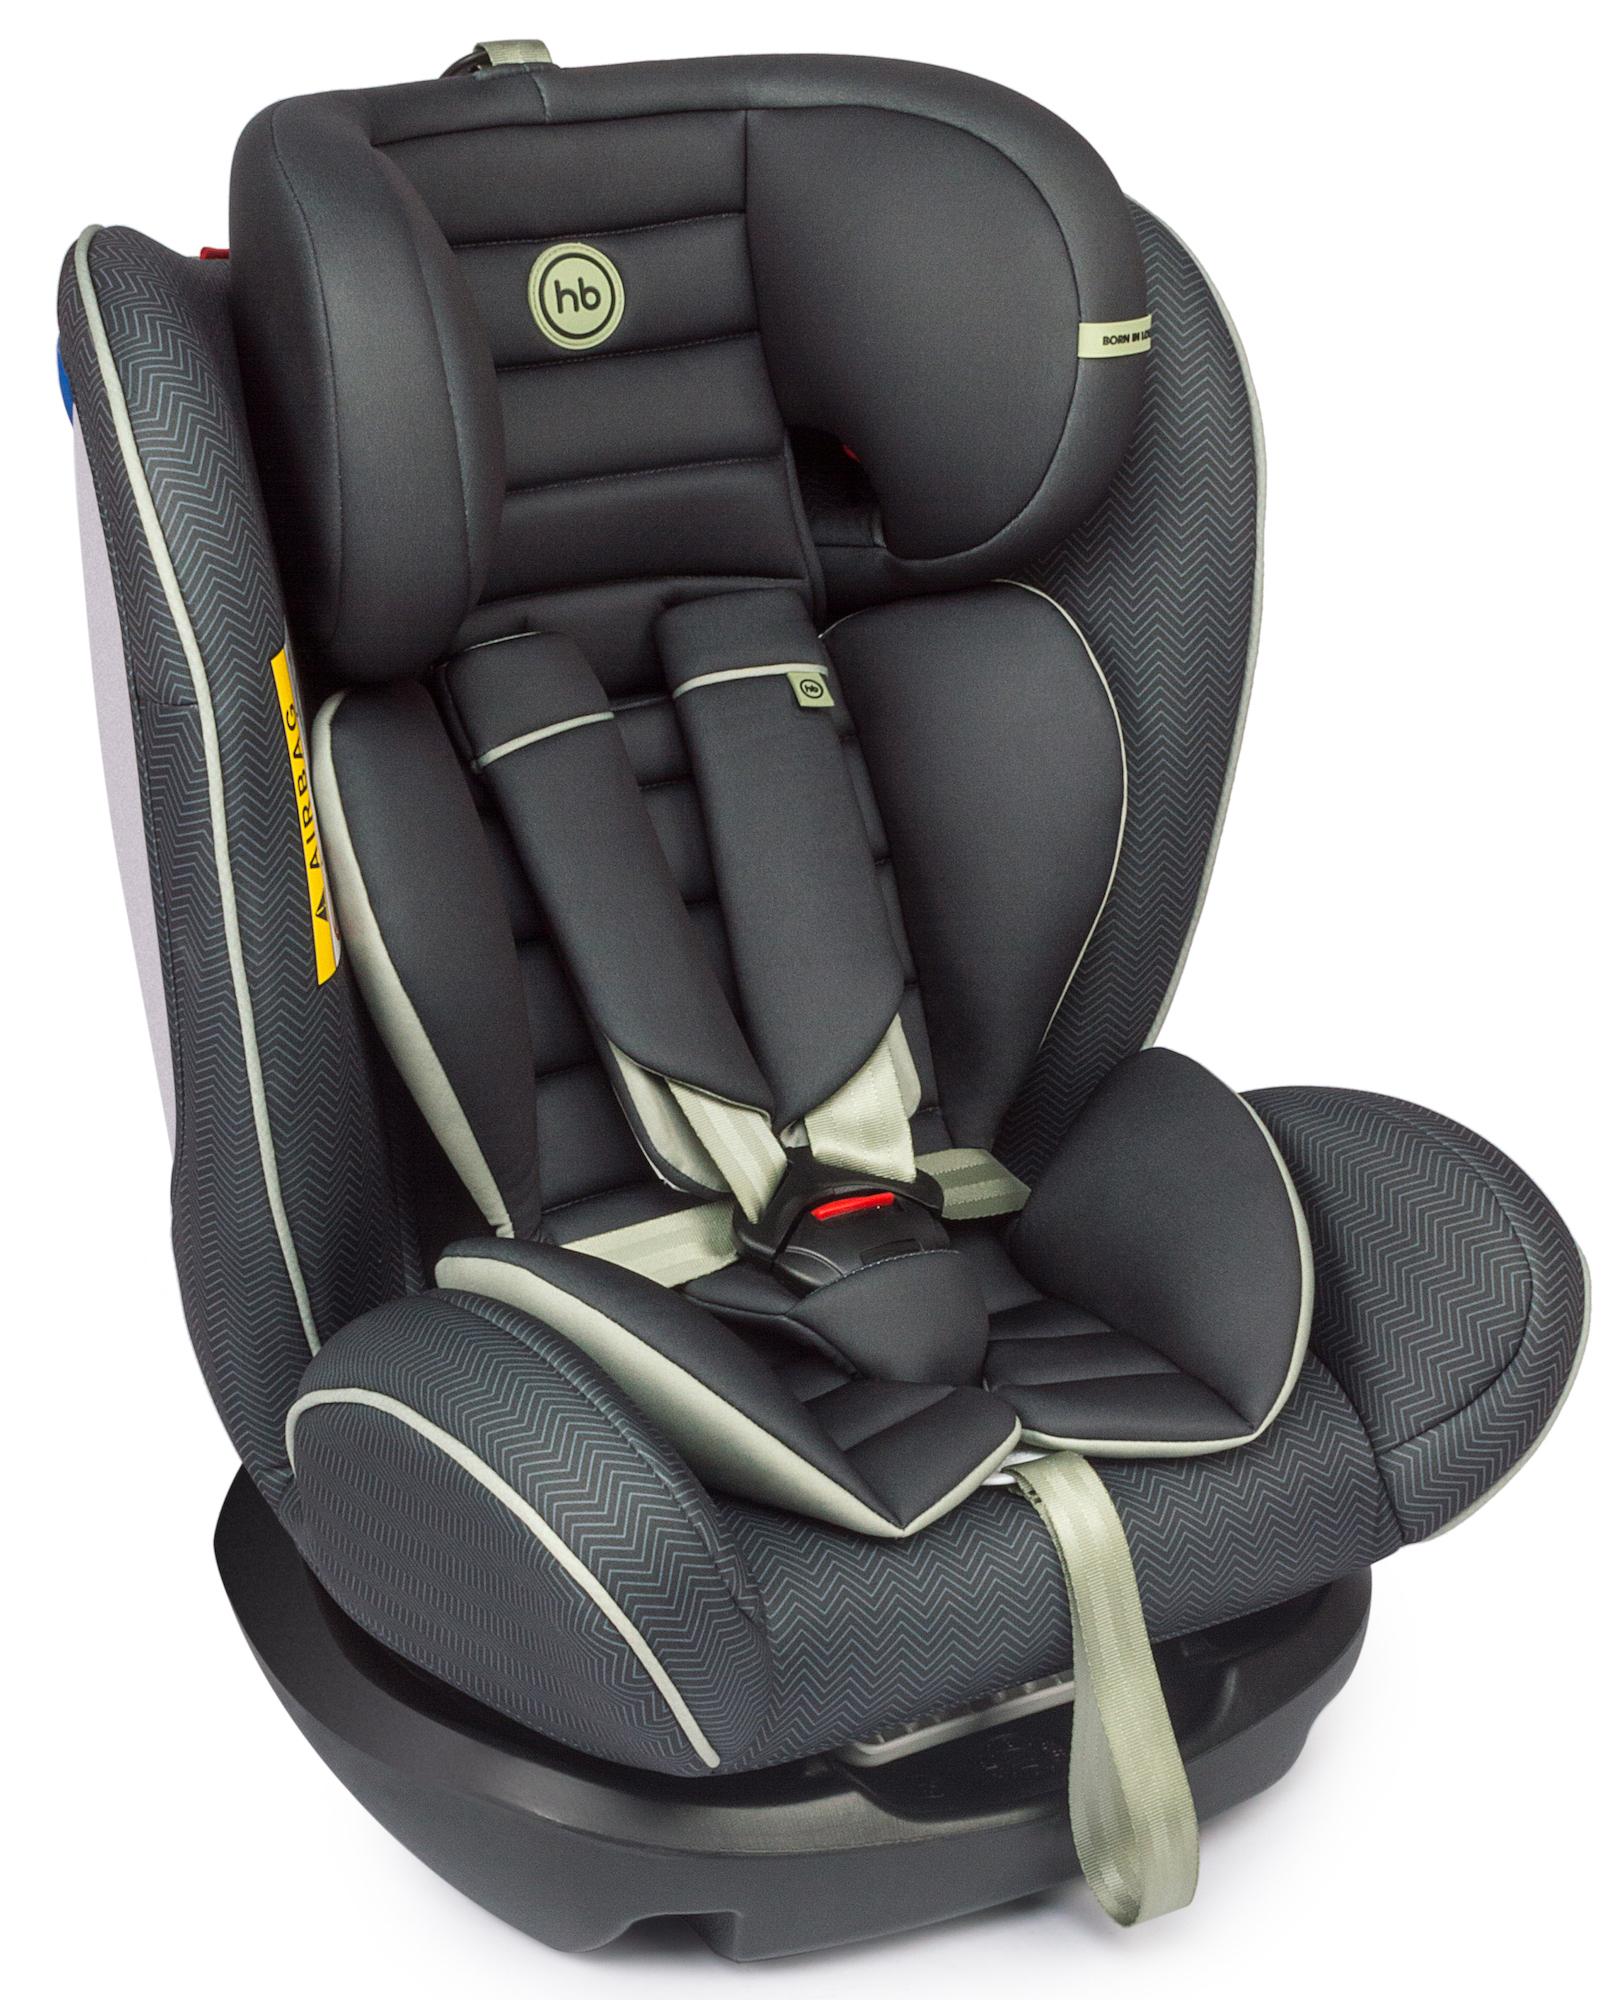 Автокресло Happy baby Spector 0-36 кг. черный